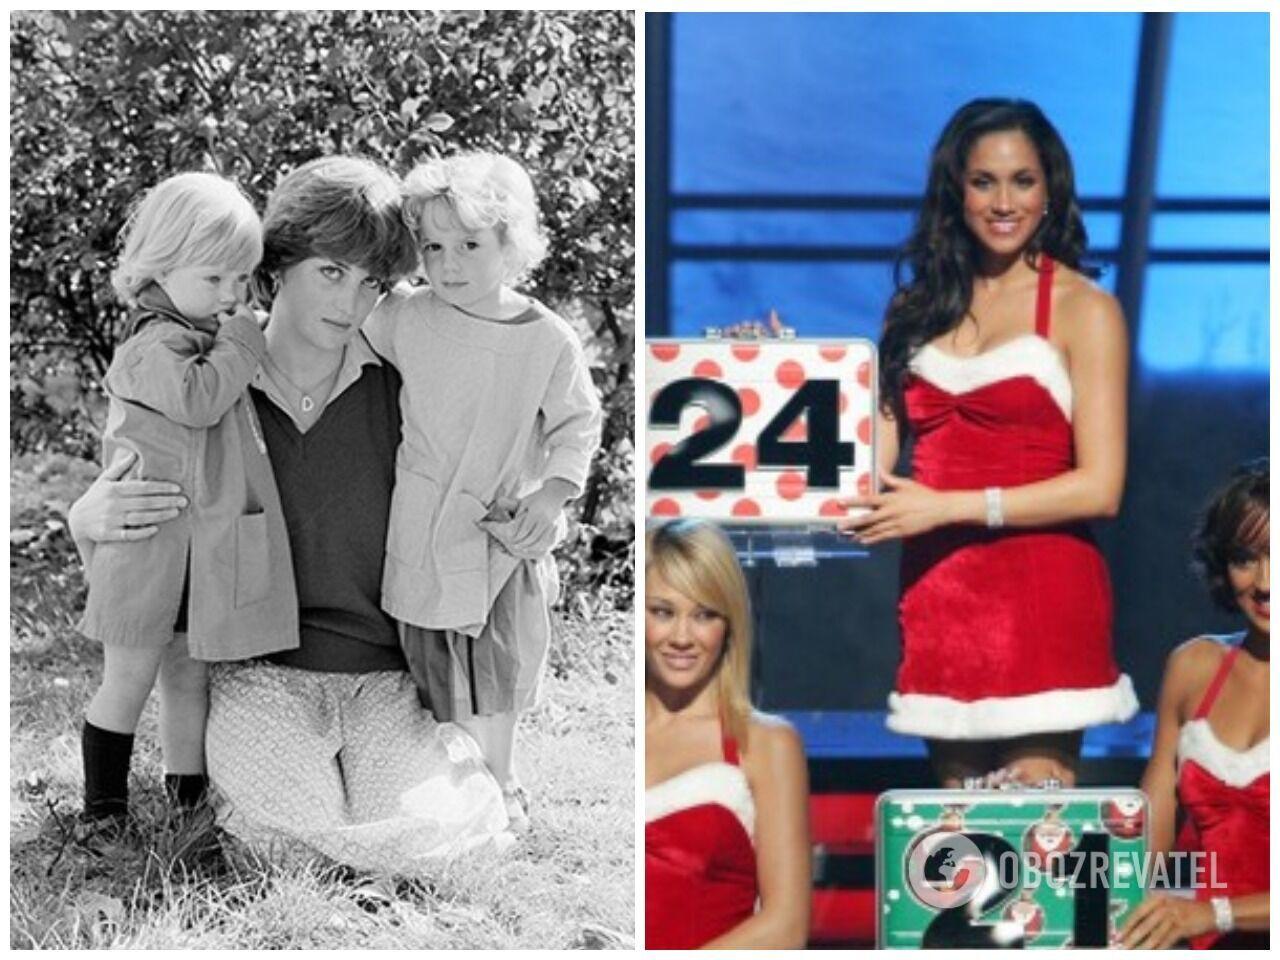 """Діана, що працює в дитячому саду (1981 р.) і Меган Маркл на зйомках шоу """"Deal or No Deal"""" (2014 р.)"""